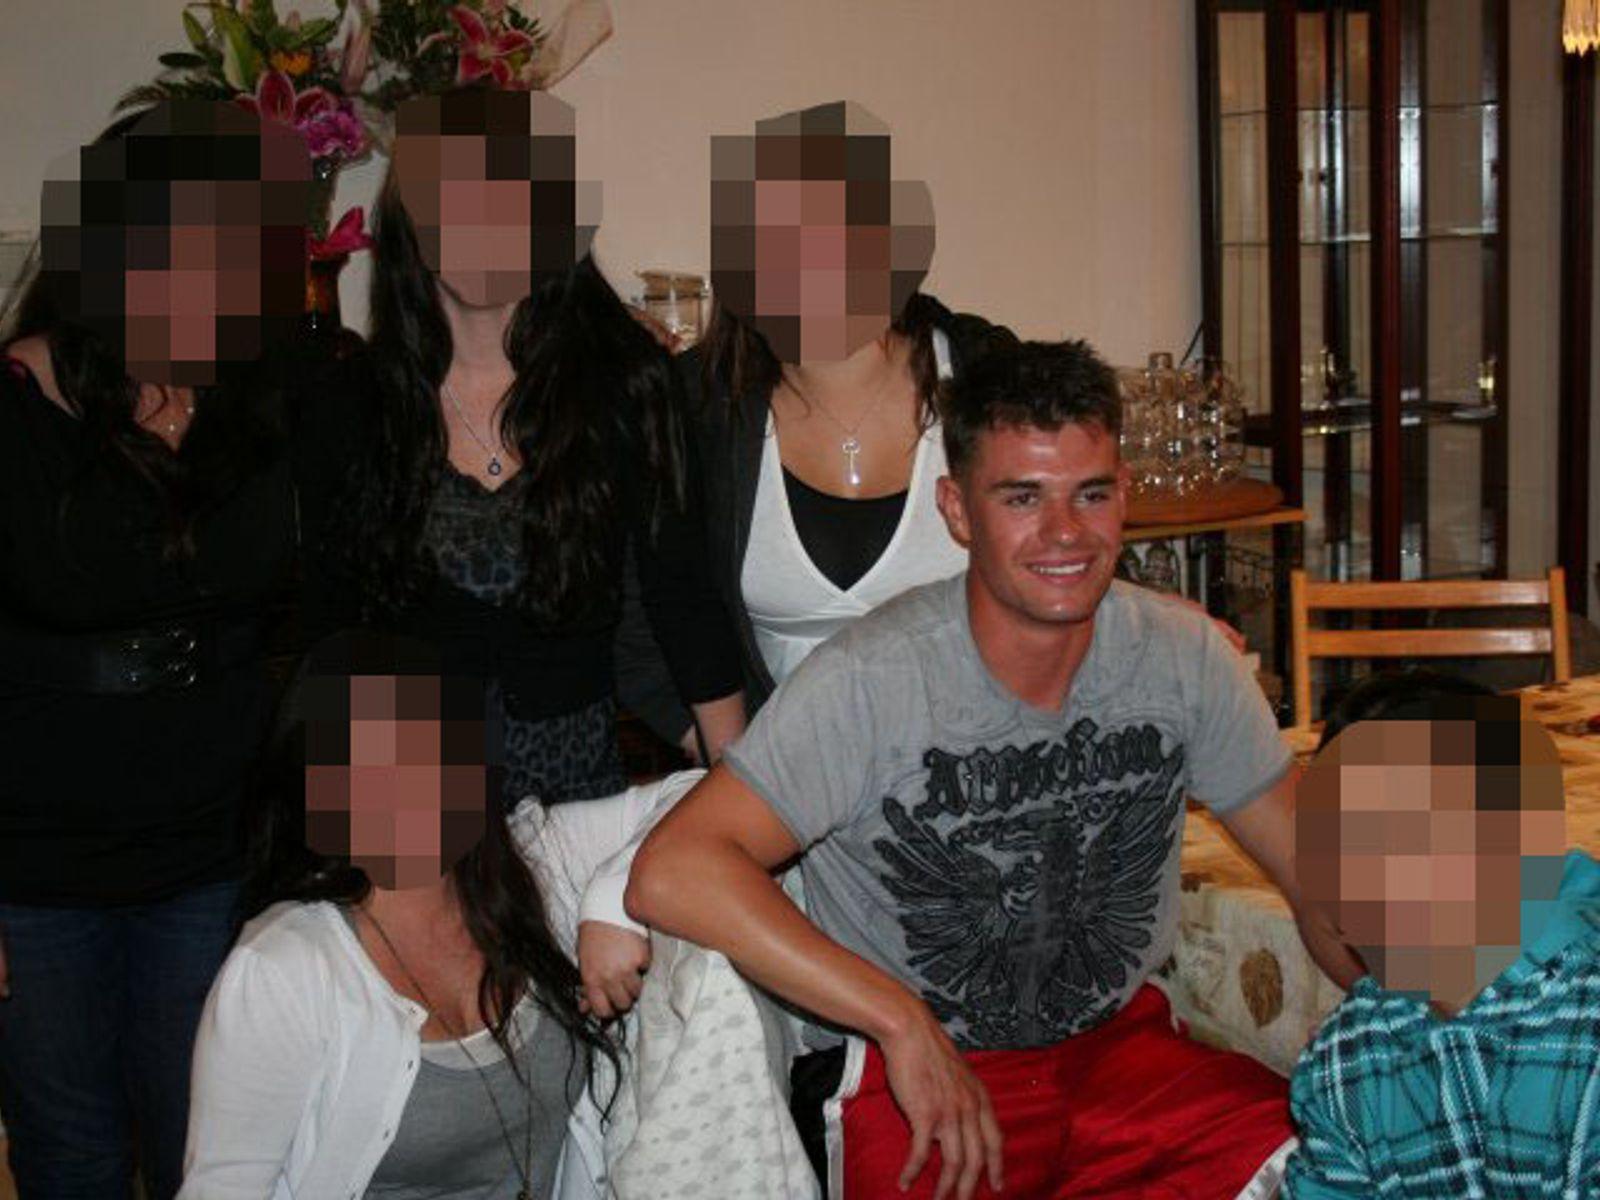 【銃乱射12人死亡】死亡した容疑者は28歳の元米海兵隊員でPTSD持ちか 米国LA